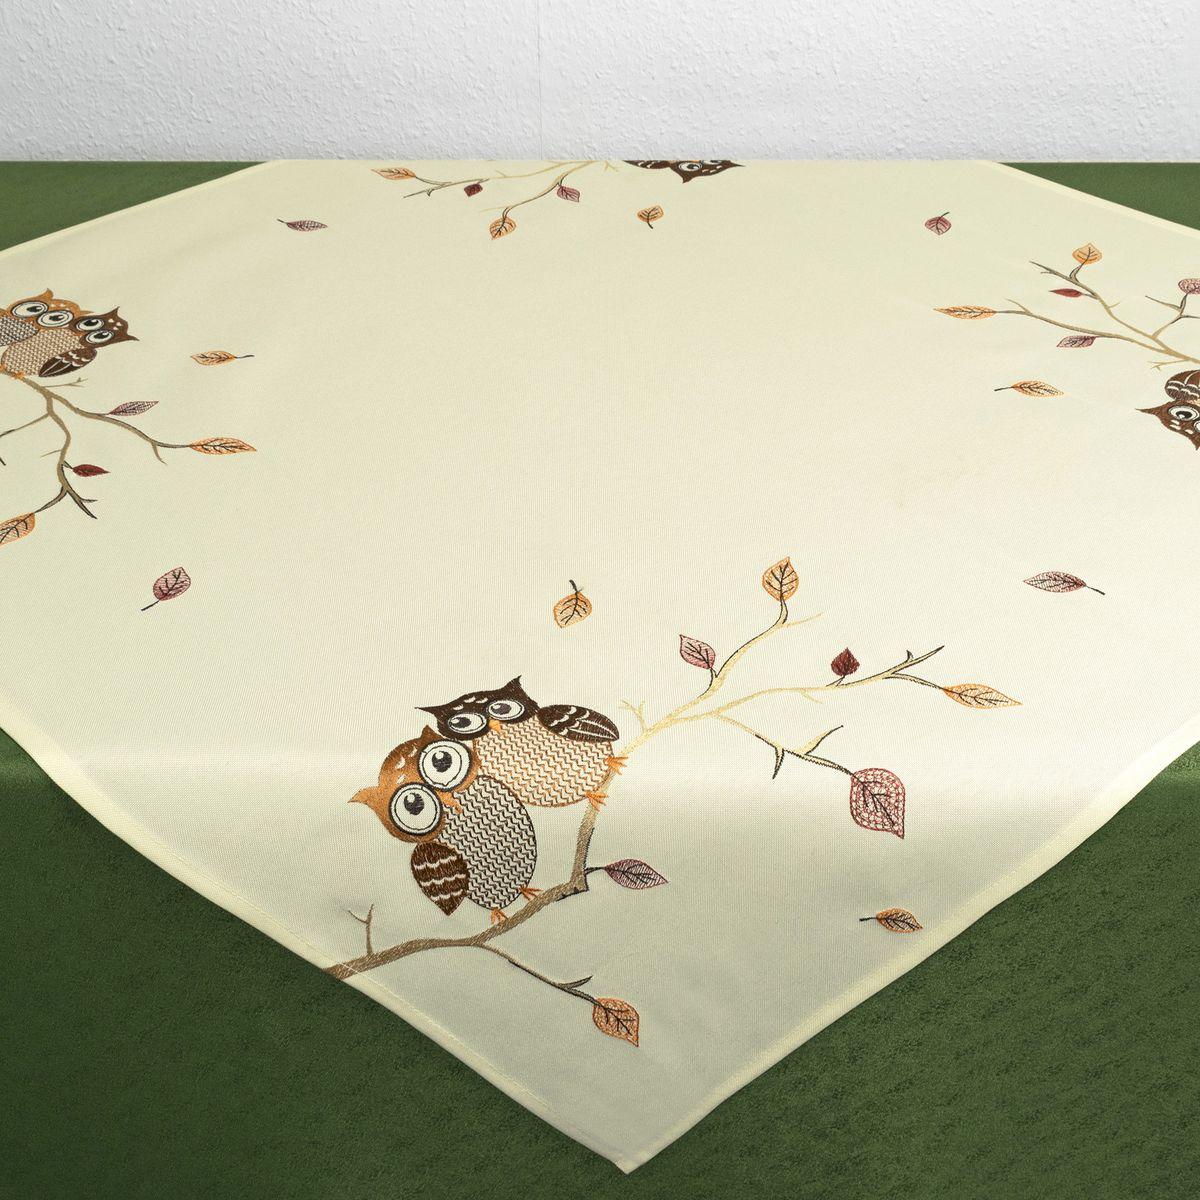 Скатерть Schaefer, цвет: бежевый, квадратная, 85 х 85 см. 07789-10007789-100Стильная скатерть Schaefer, выполненная из полиэстера, украшена вышивкой. Вышивка дает эффект объема за счет направления стежков при вышивании.Изделия из полиэстера легко стирать: они не мнутся, не садятся и быстро сохнут, они более долговечны, чем изделия из натуральных волокон.Немецкая компания Schaefer создана в 1921 году. На протяжении всего времени существования она создает уникальные коллекции домашнего текстиля для гостиных, спален, кухонь и ванных комнат. Дизайнерские идеи немецких художников компании Schaefer воплощаются в текстильных изделиях, которые сделают ваш дом красивее и уютнее и не останутся незамеченными вашими гостями. Дарите себе и близким красоту каждый день!